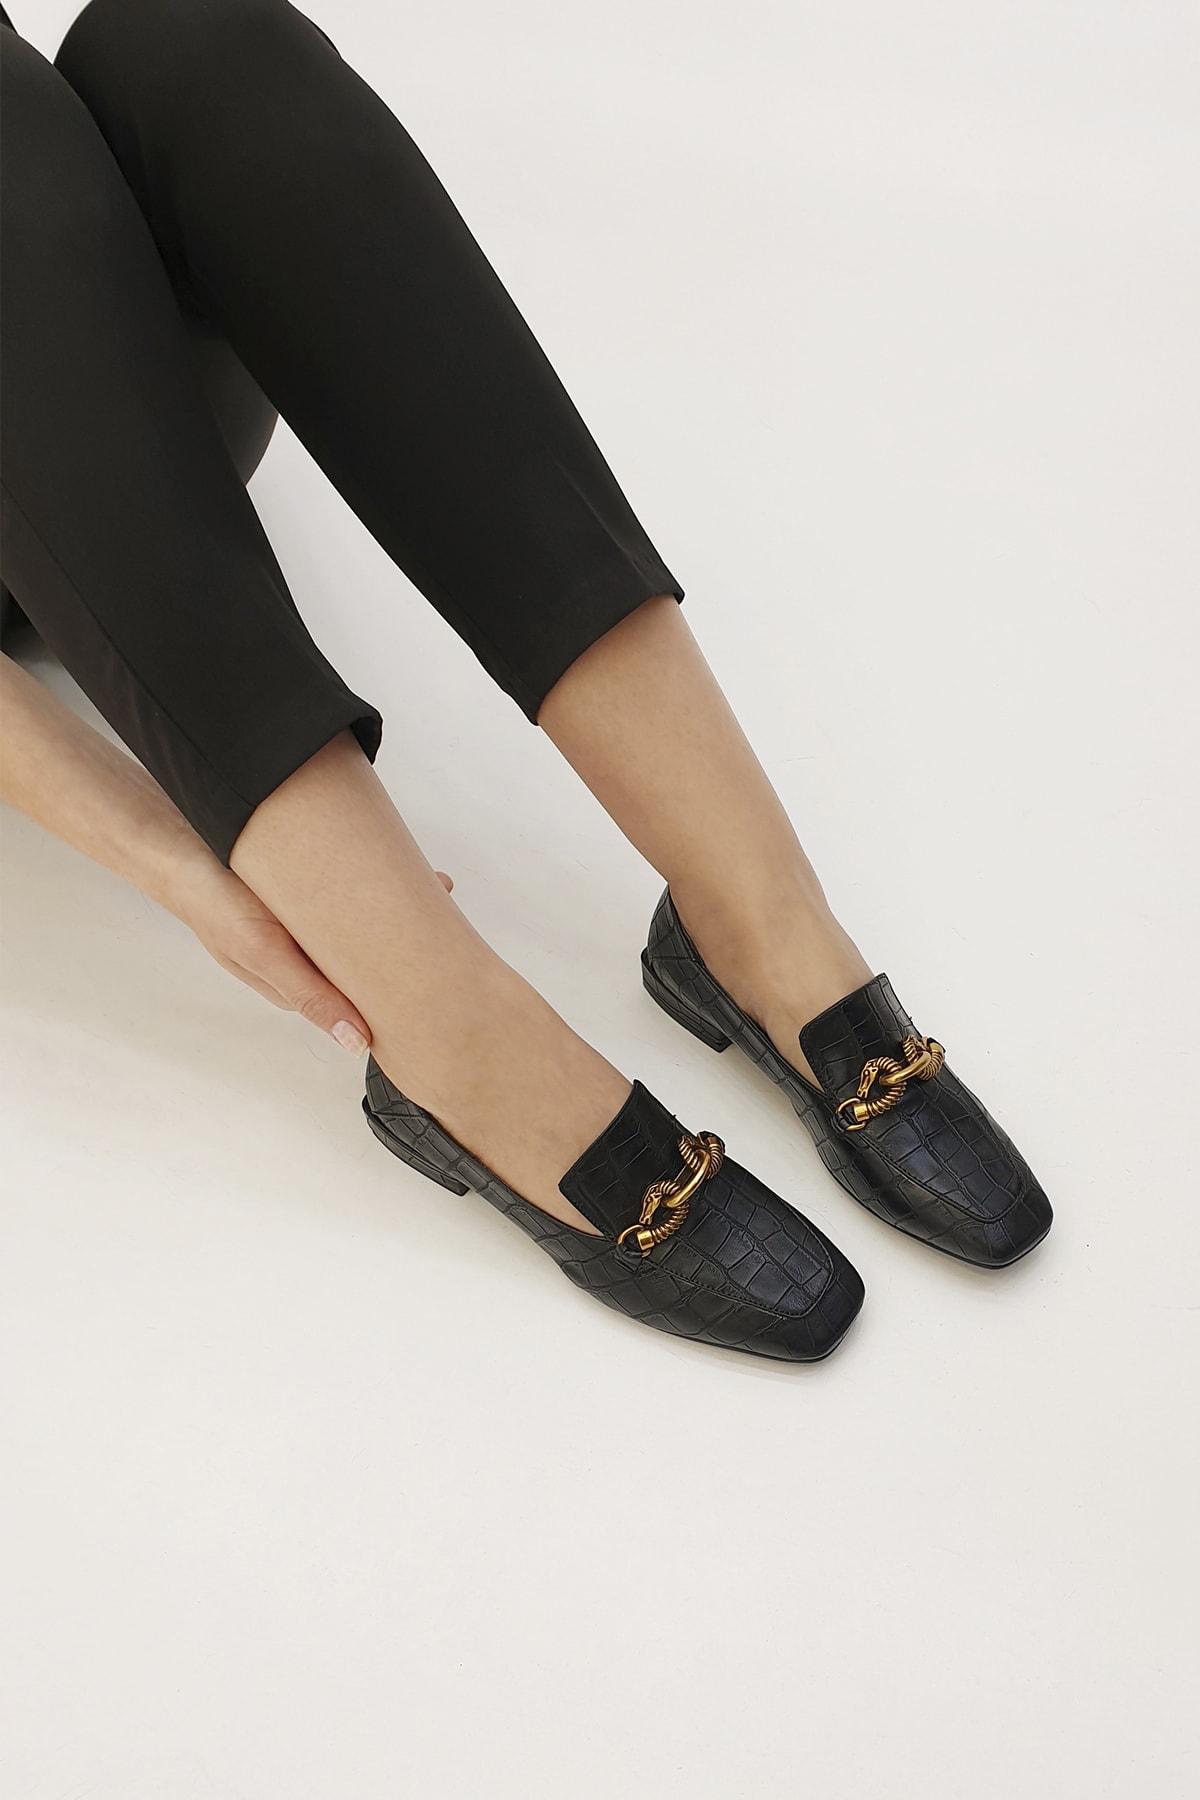 Marjin Kadın Siyah Croco Loafer Ayakkabı Alva 2